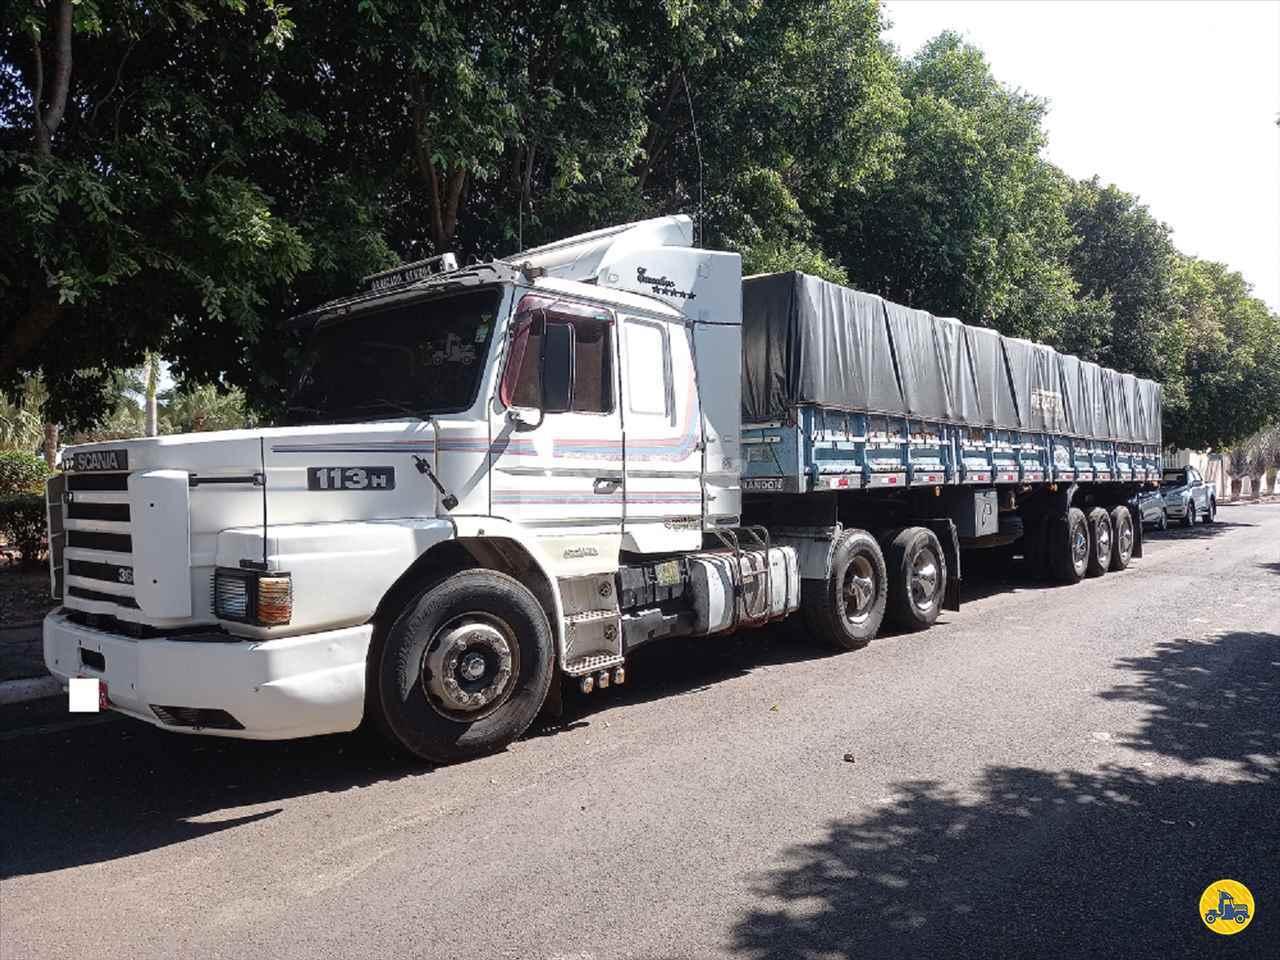 CAMINHAO SCANIA SCANIA 113 360 Cavalo Mecânico Truck 6x2 Rodrigão Caminhões São José do Rio Preto SÃO PAULO SP